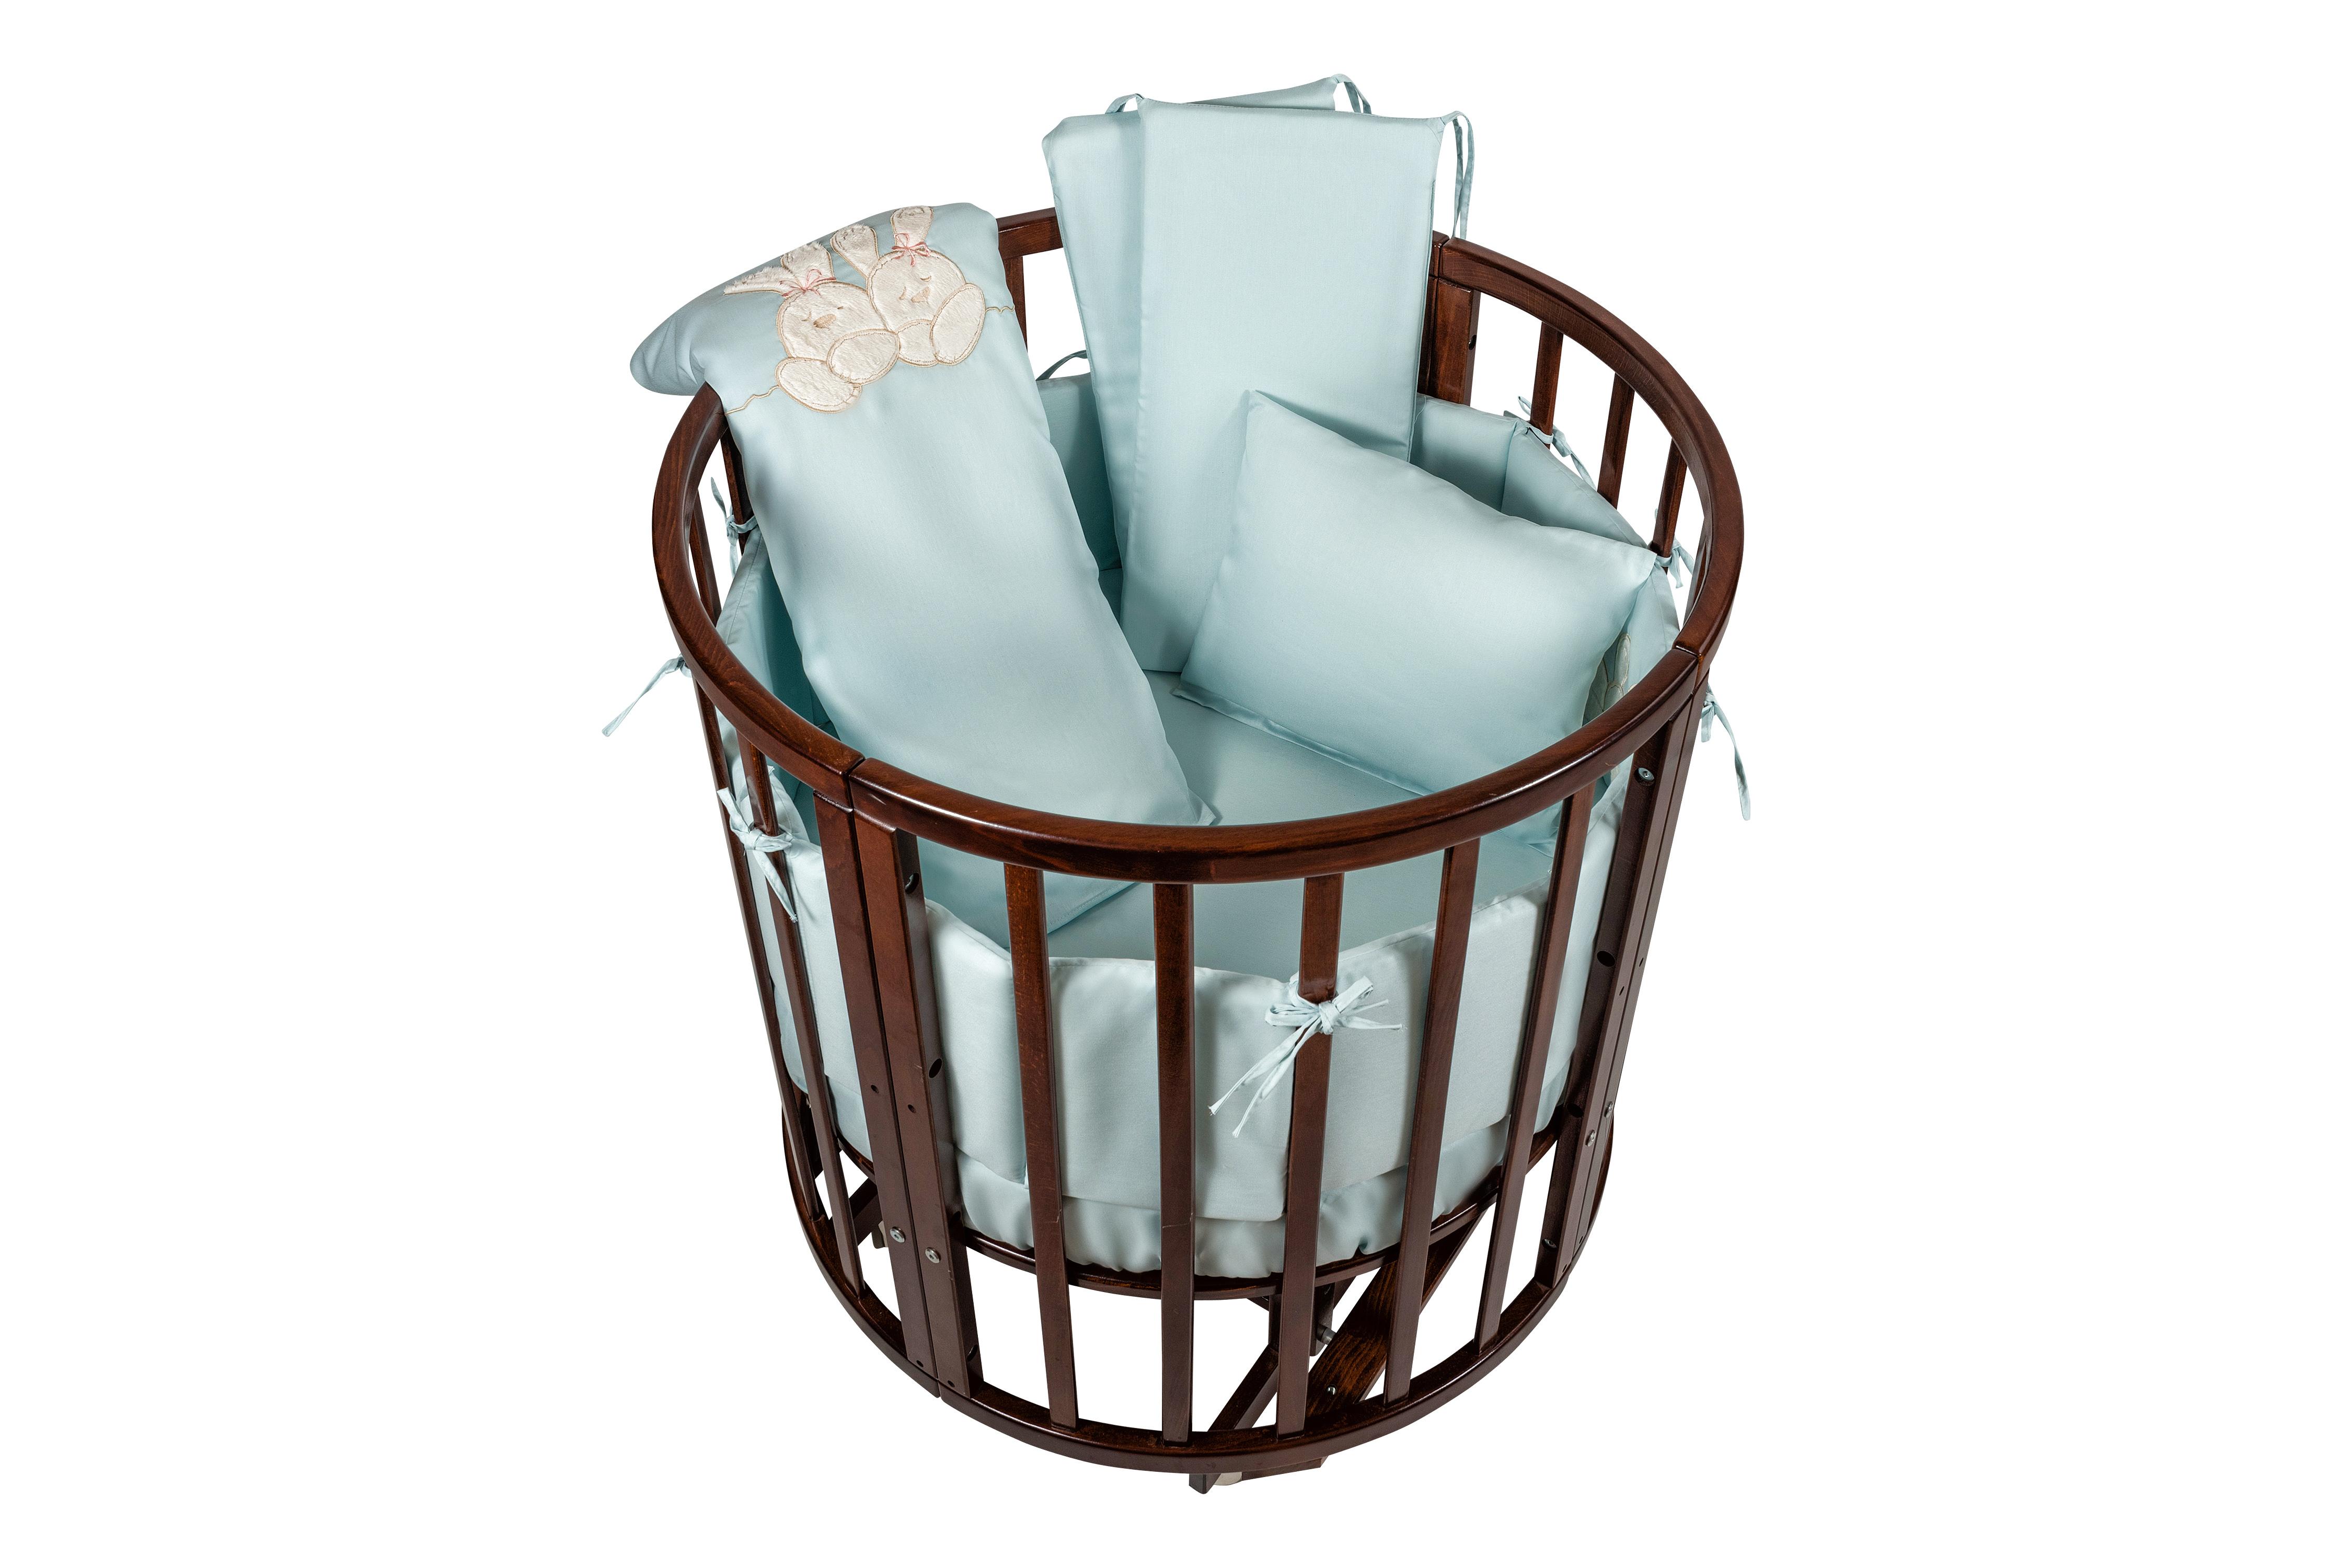 Комплект в люльку Nuovita - Leprotti, 6 предметов, бирюзовыйДетское постельное белье<br>Комплект в люльку Nuovita - Leprotti, 6 предметов, бирюзовый<br>